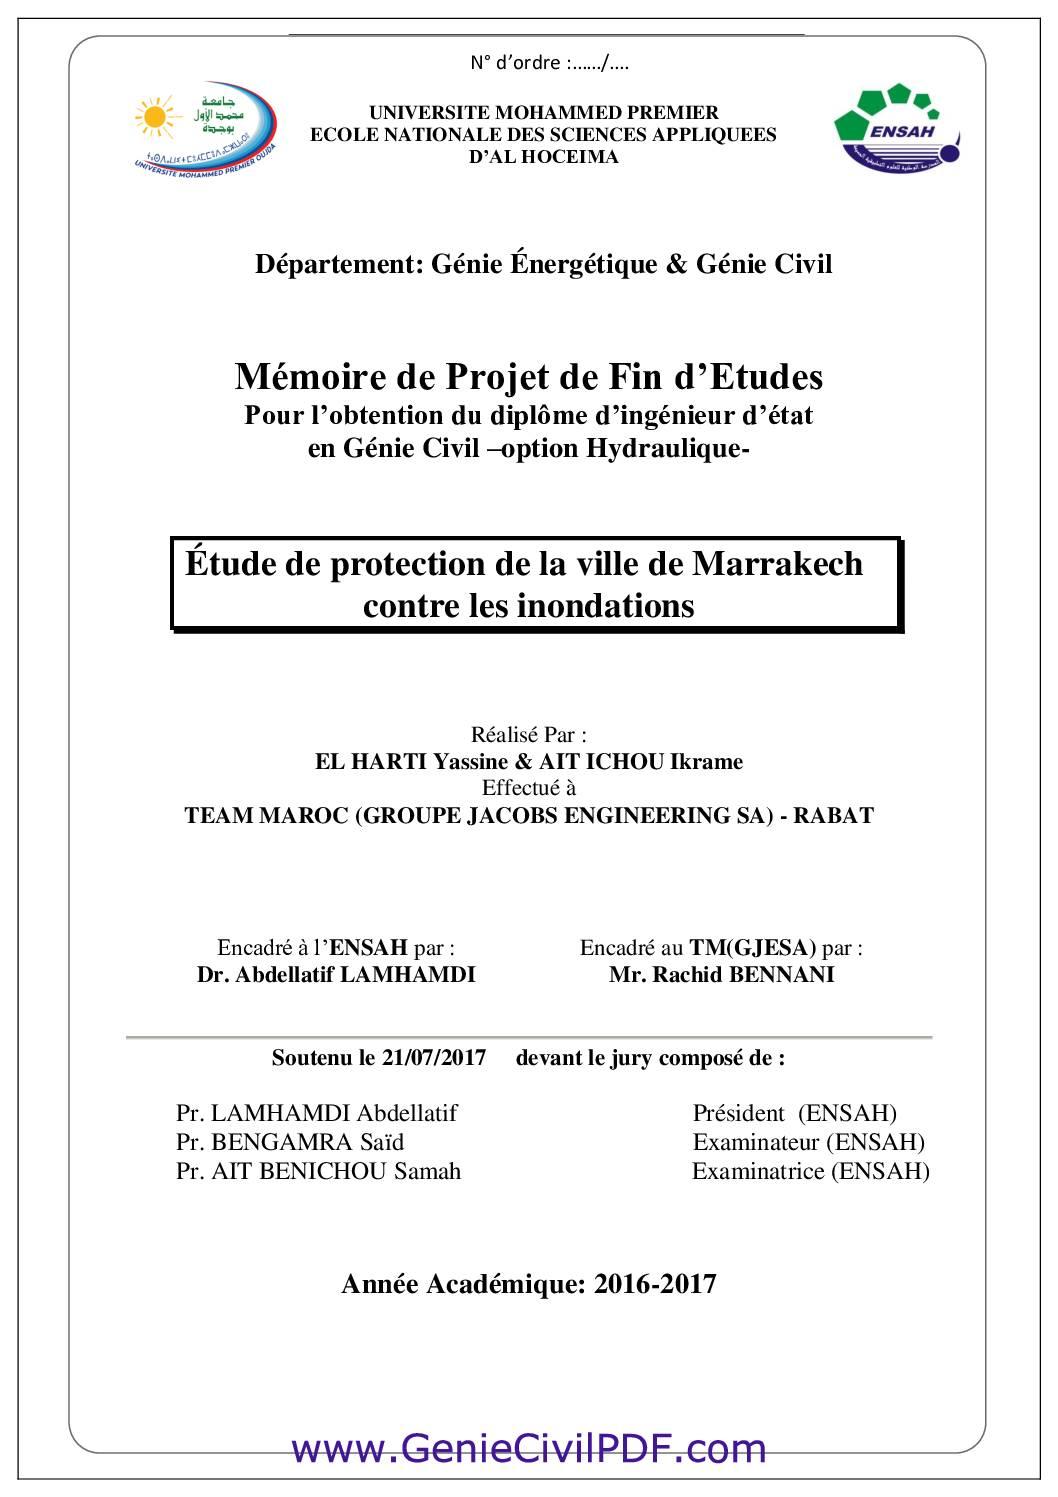 Étude de protection de la ville de Marrakech contre les inondations